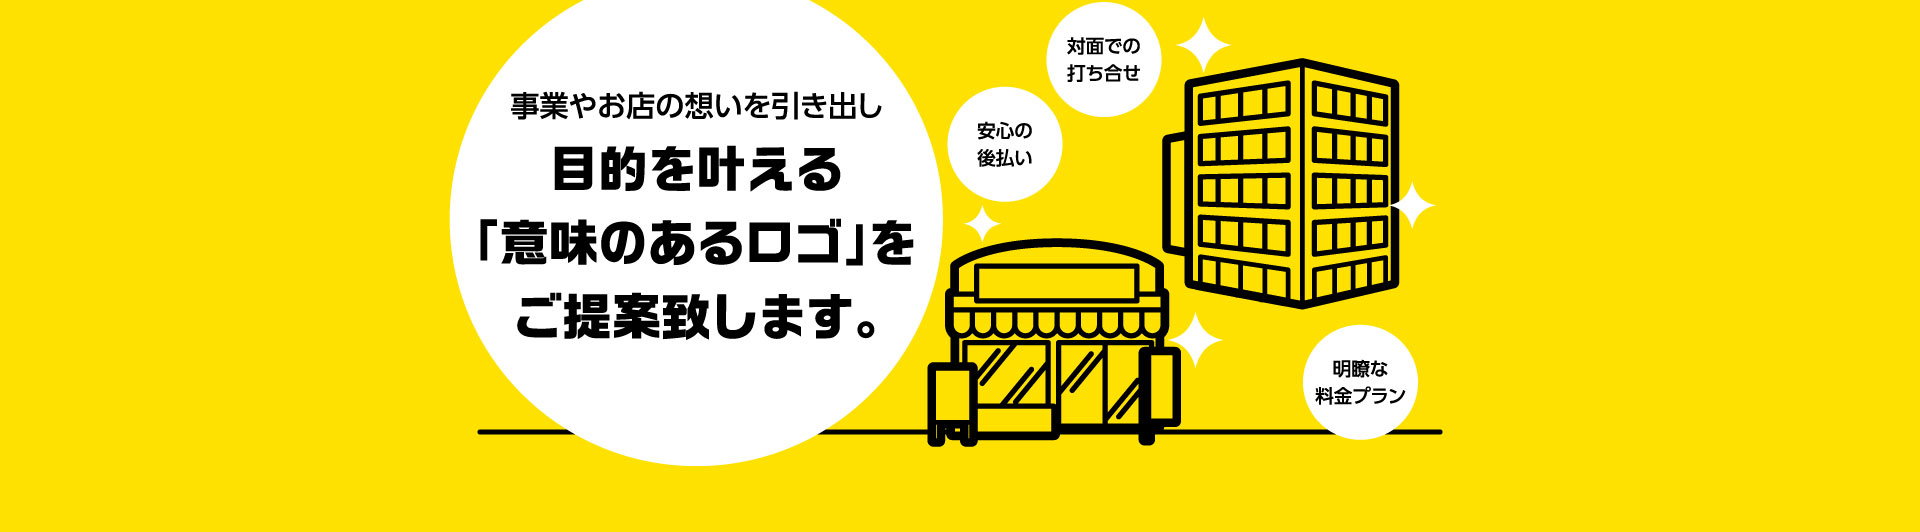 banner slide 1